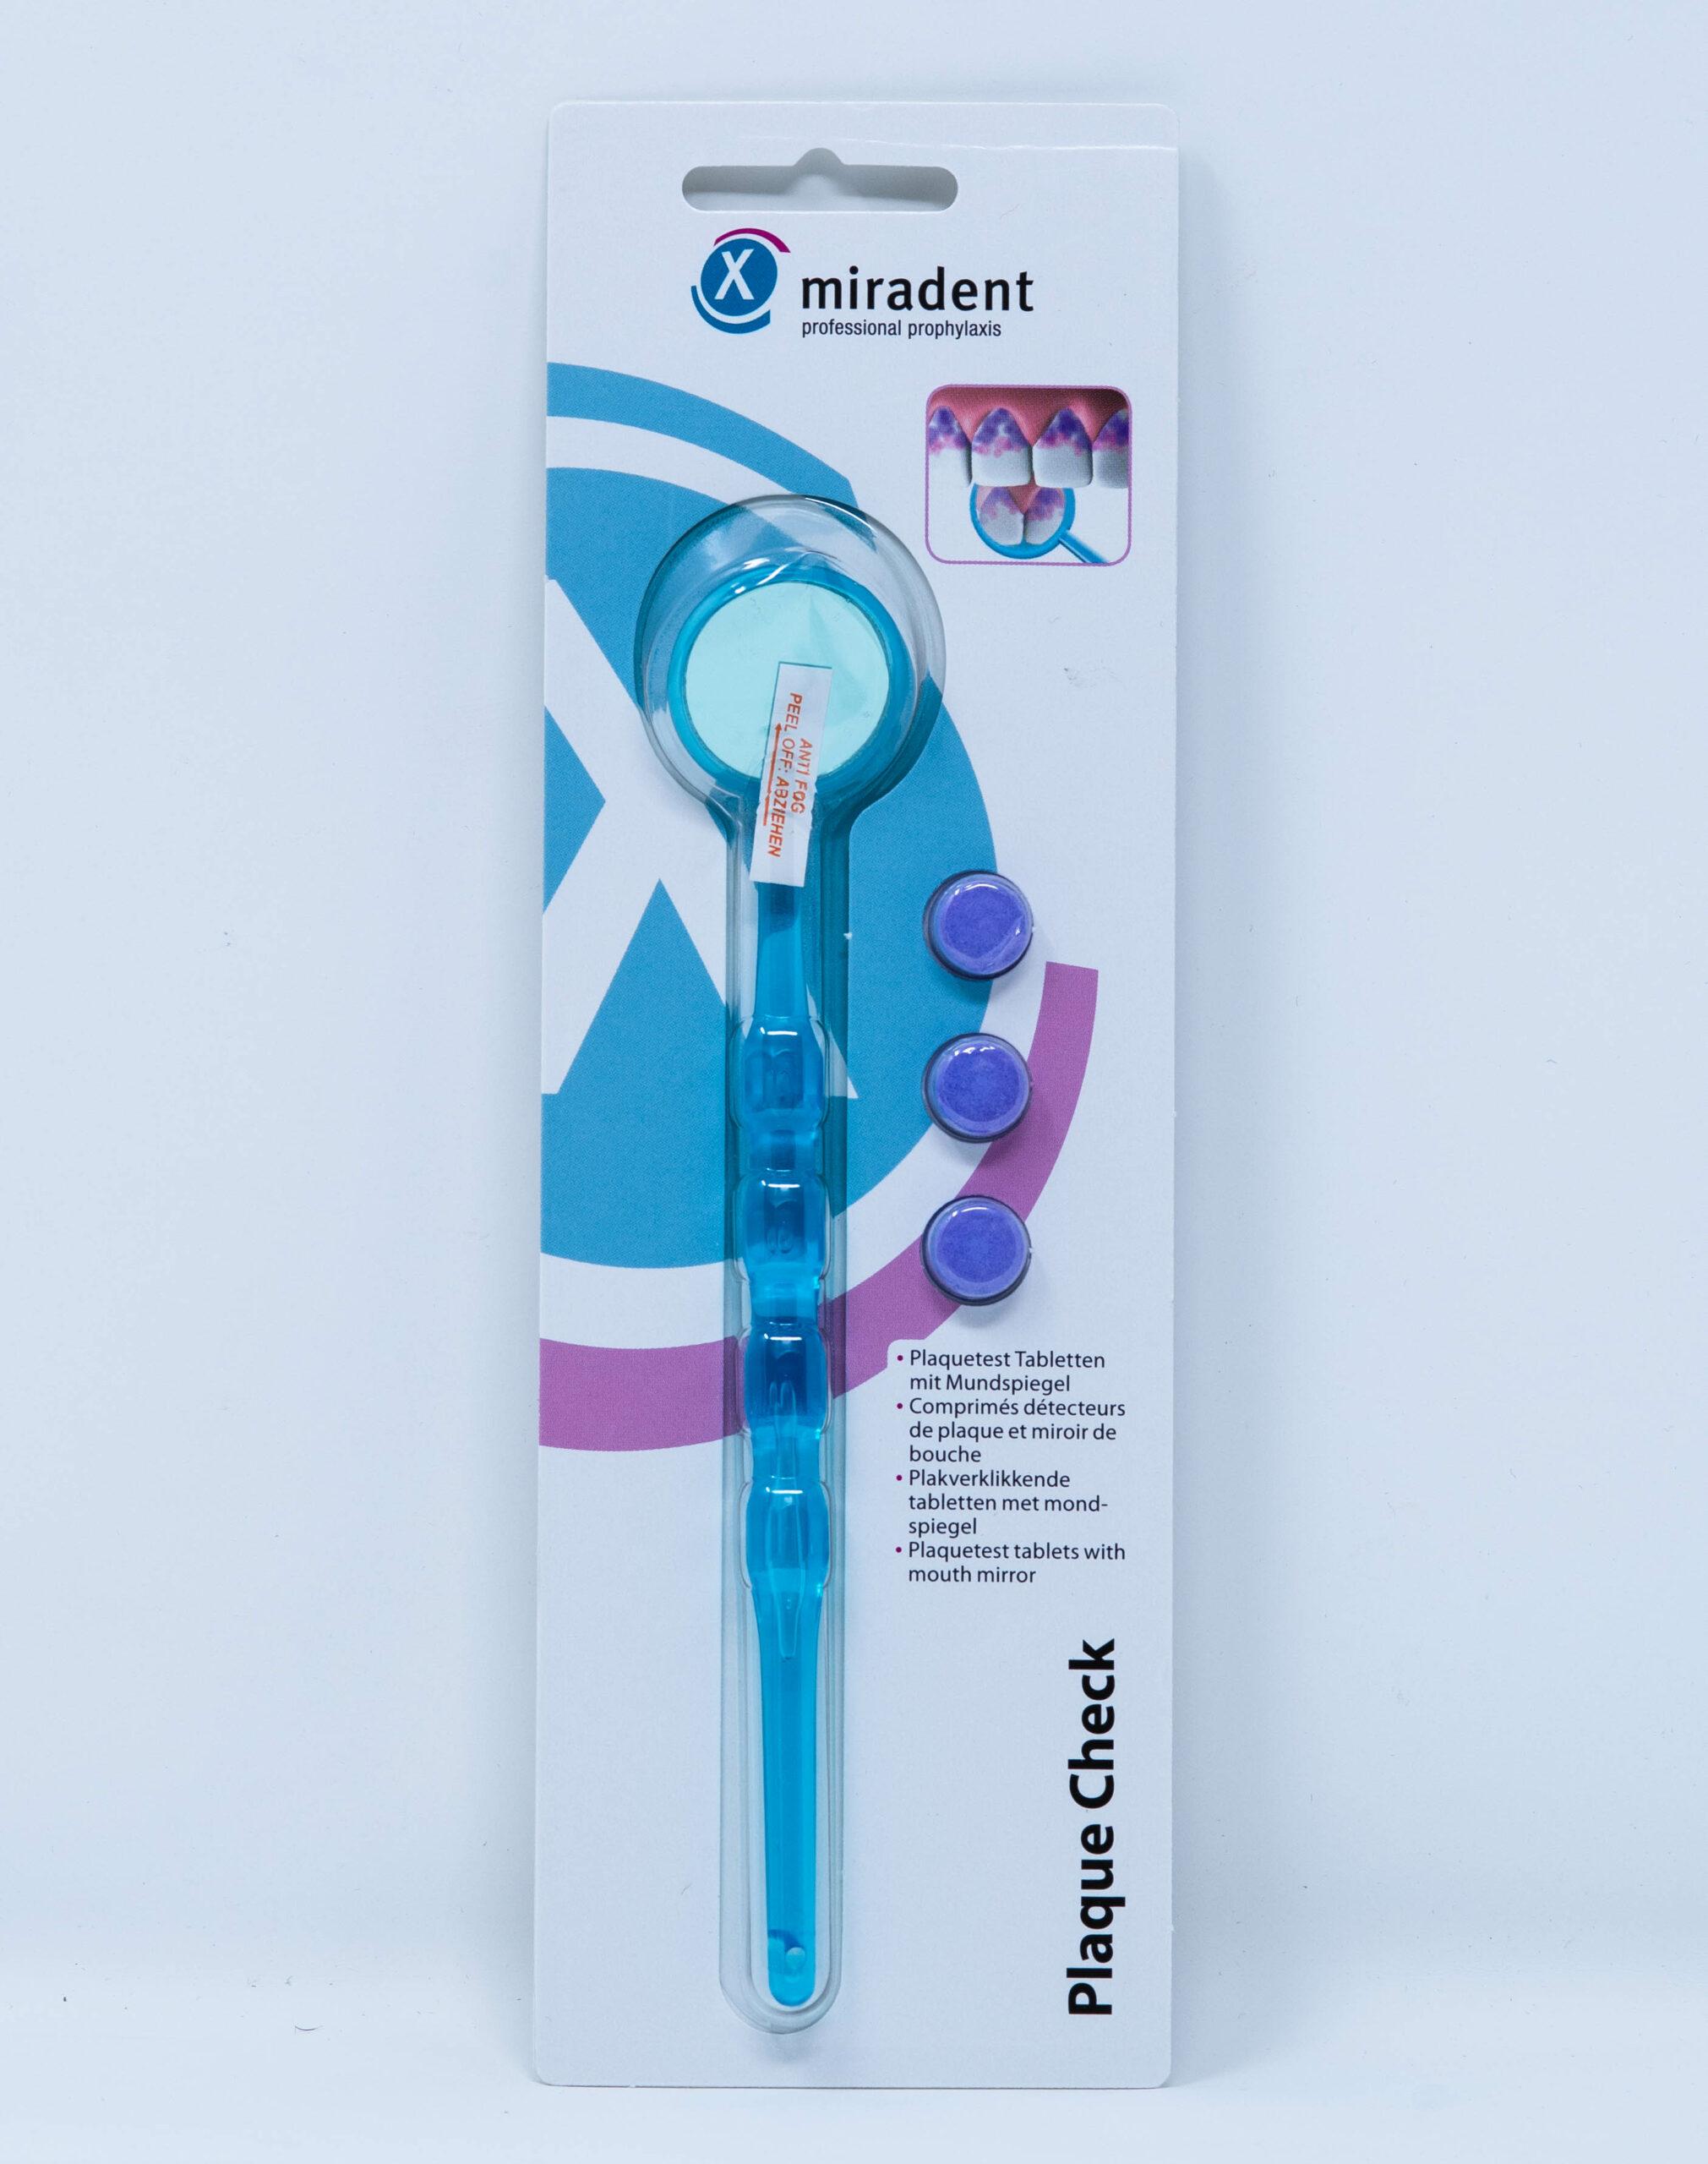 Miradent Plaque Check Kit - Specchietto e Pastiglie Rivela Placca